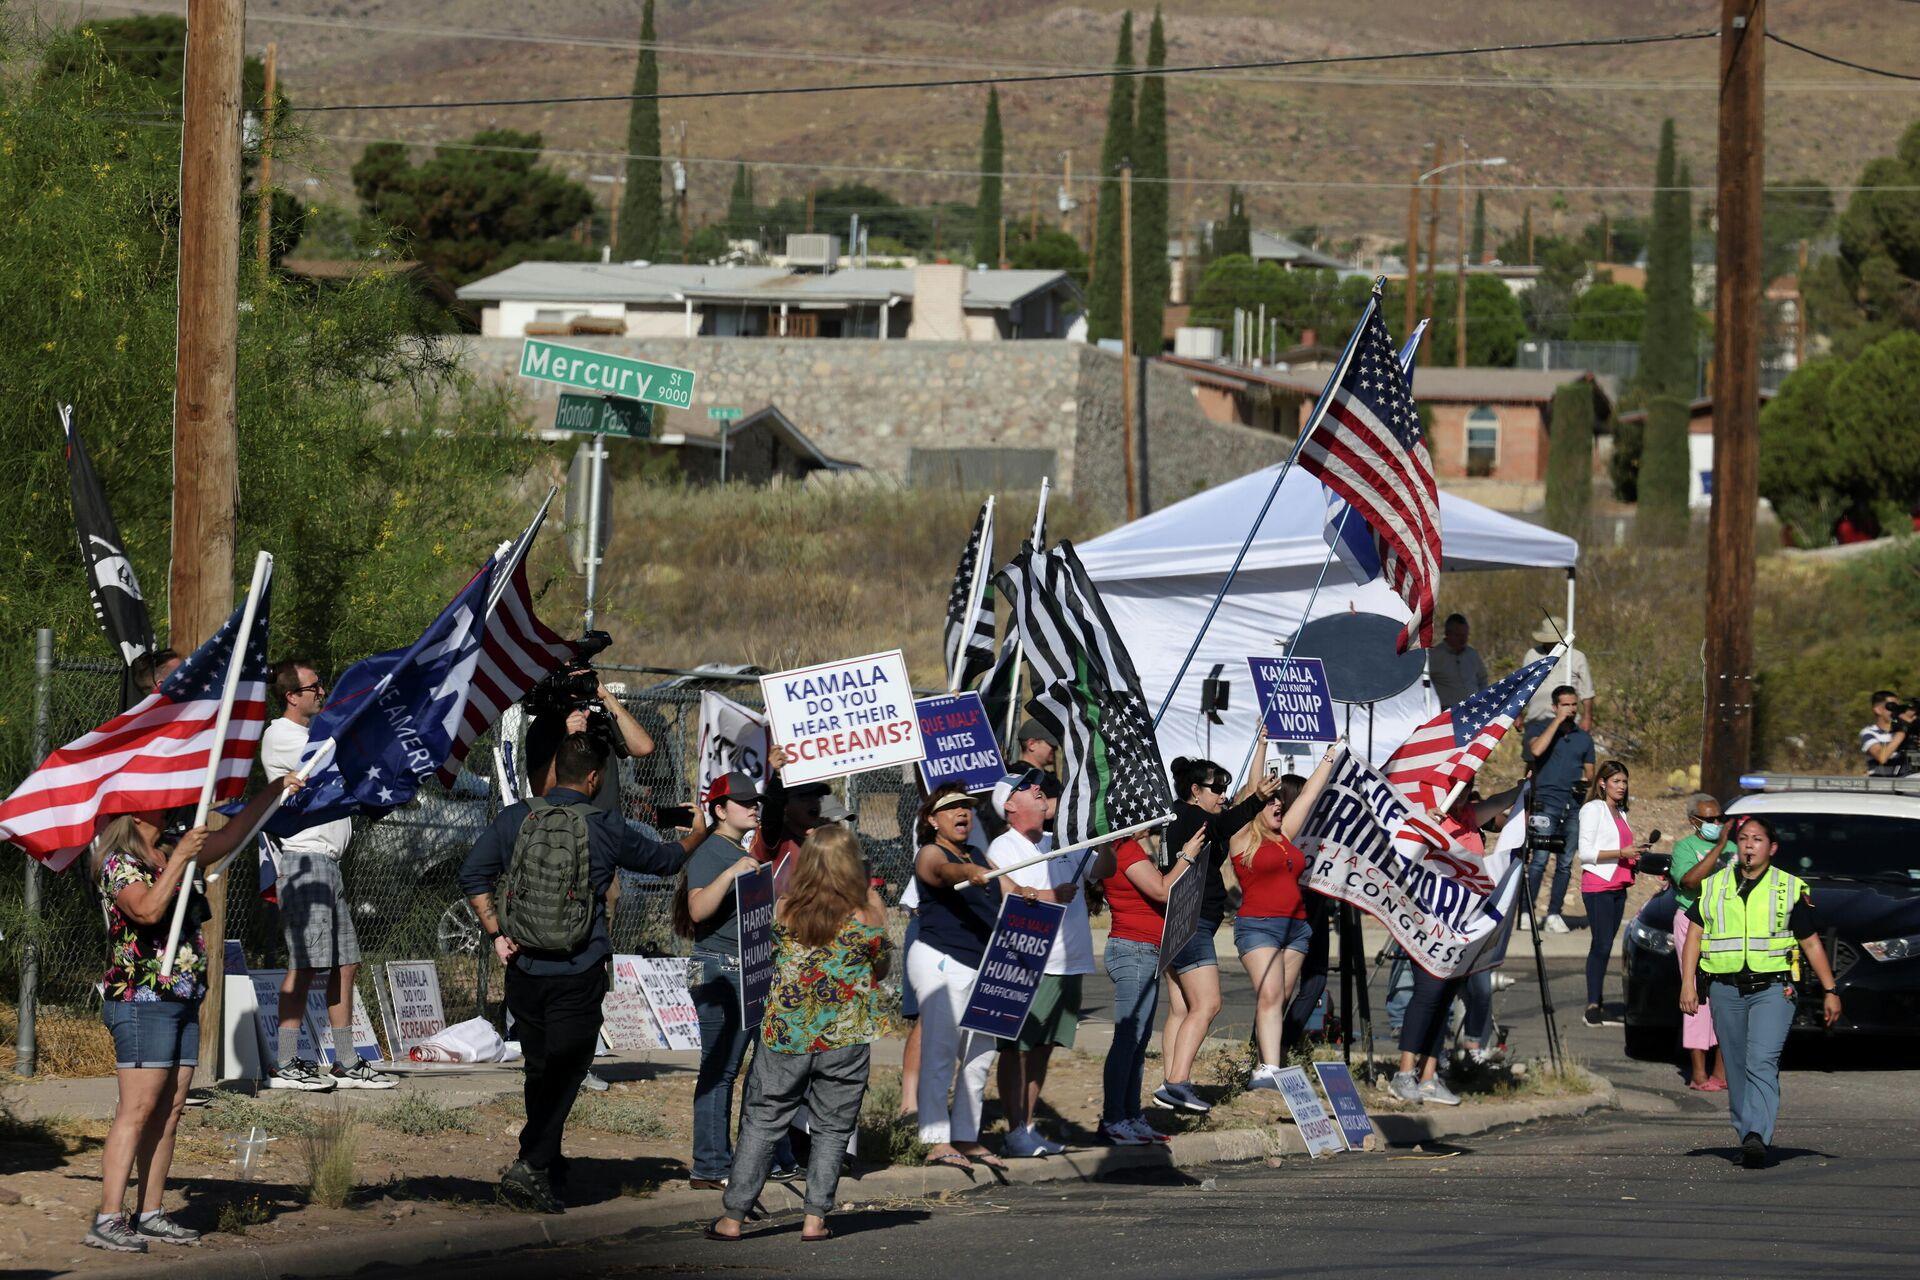 Демонстранты перед центральным процессинговым центром Эль-Пасо во время визита вице-президента США Камалы Харрис недалеко от границы между США и Мексикой в Эль-Пасо, штат Техас - РИА Новости, 1920, 30.06.2021